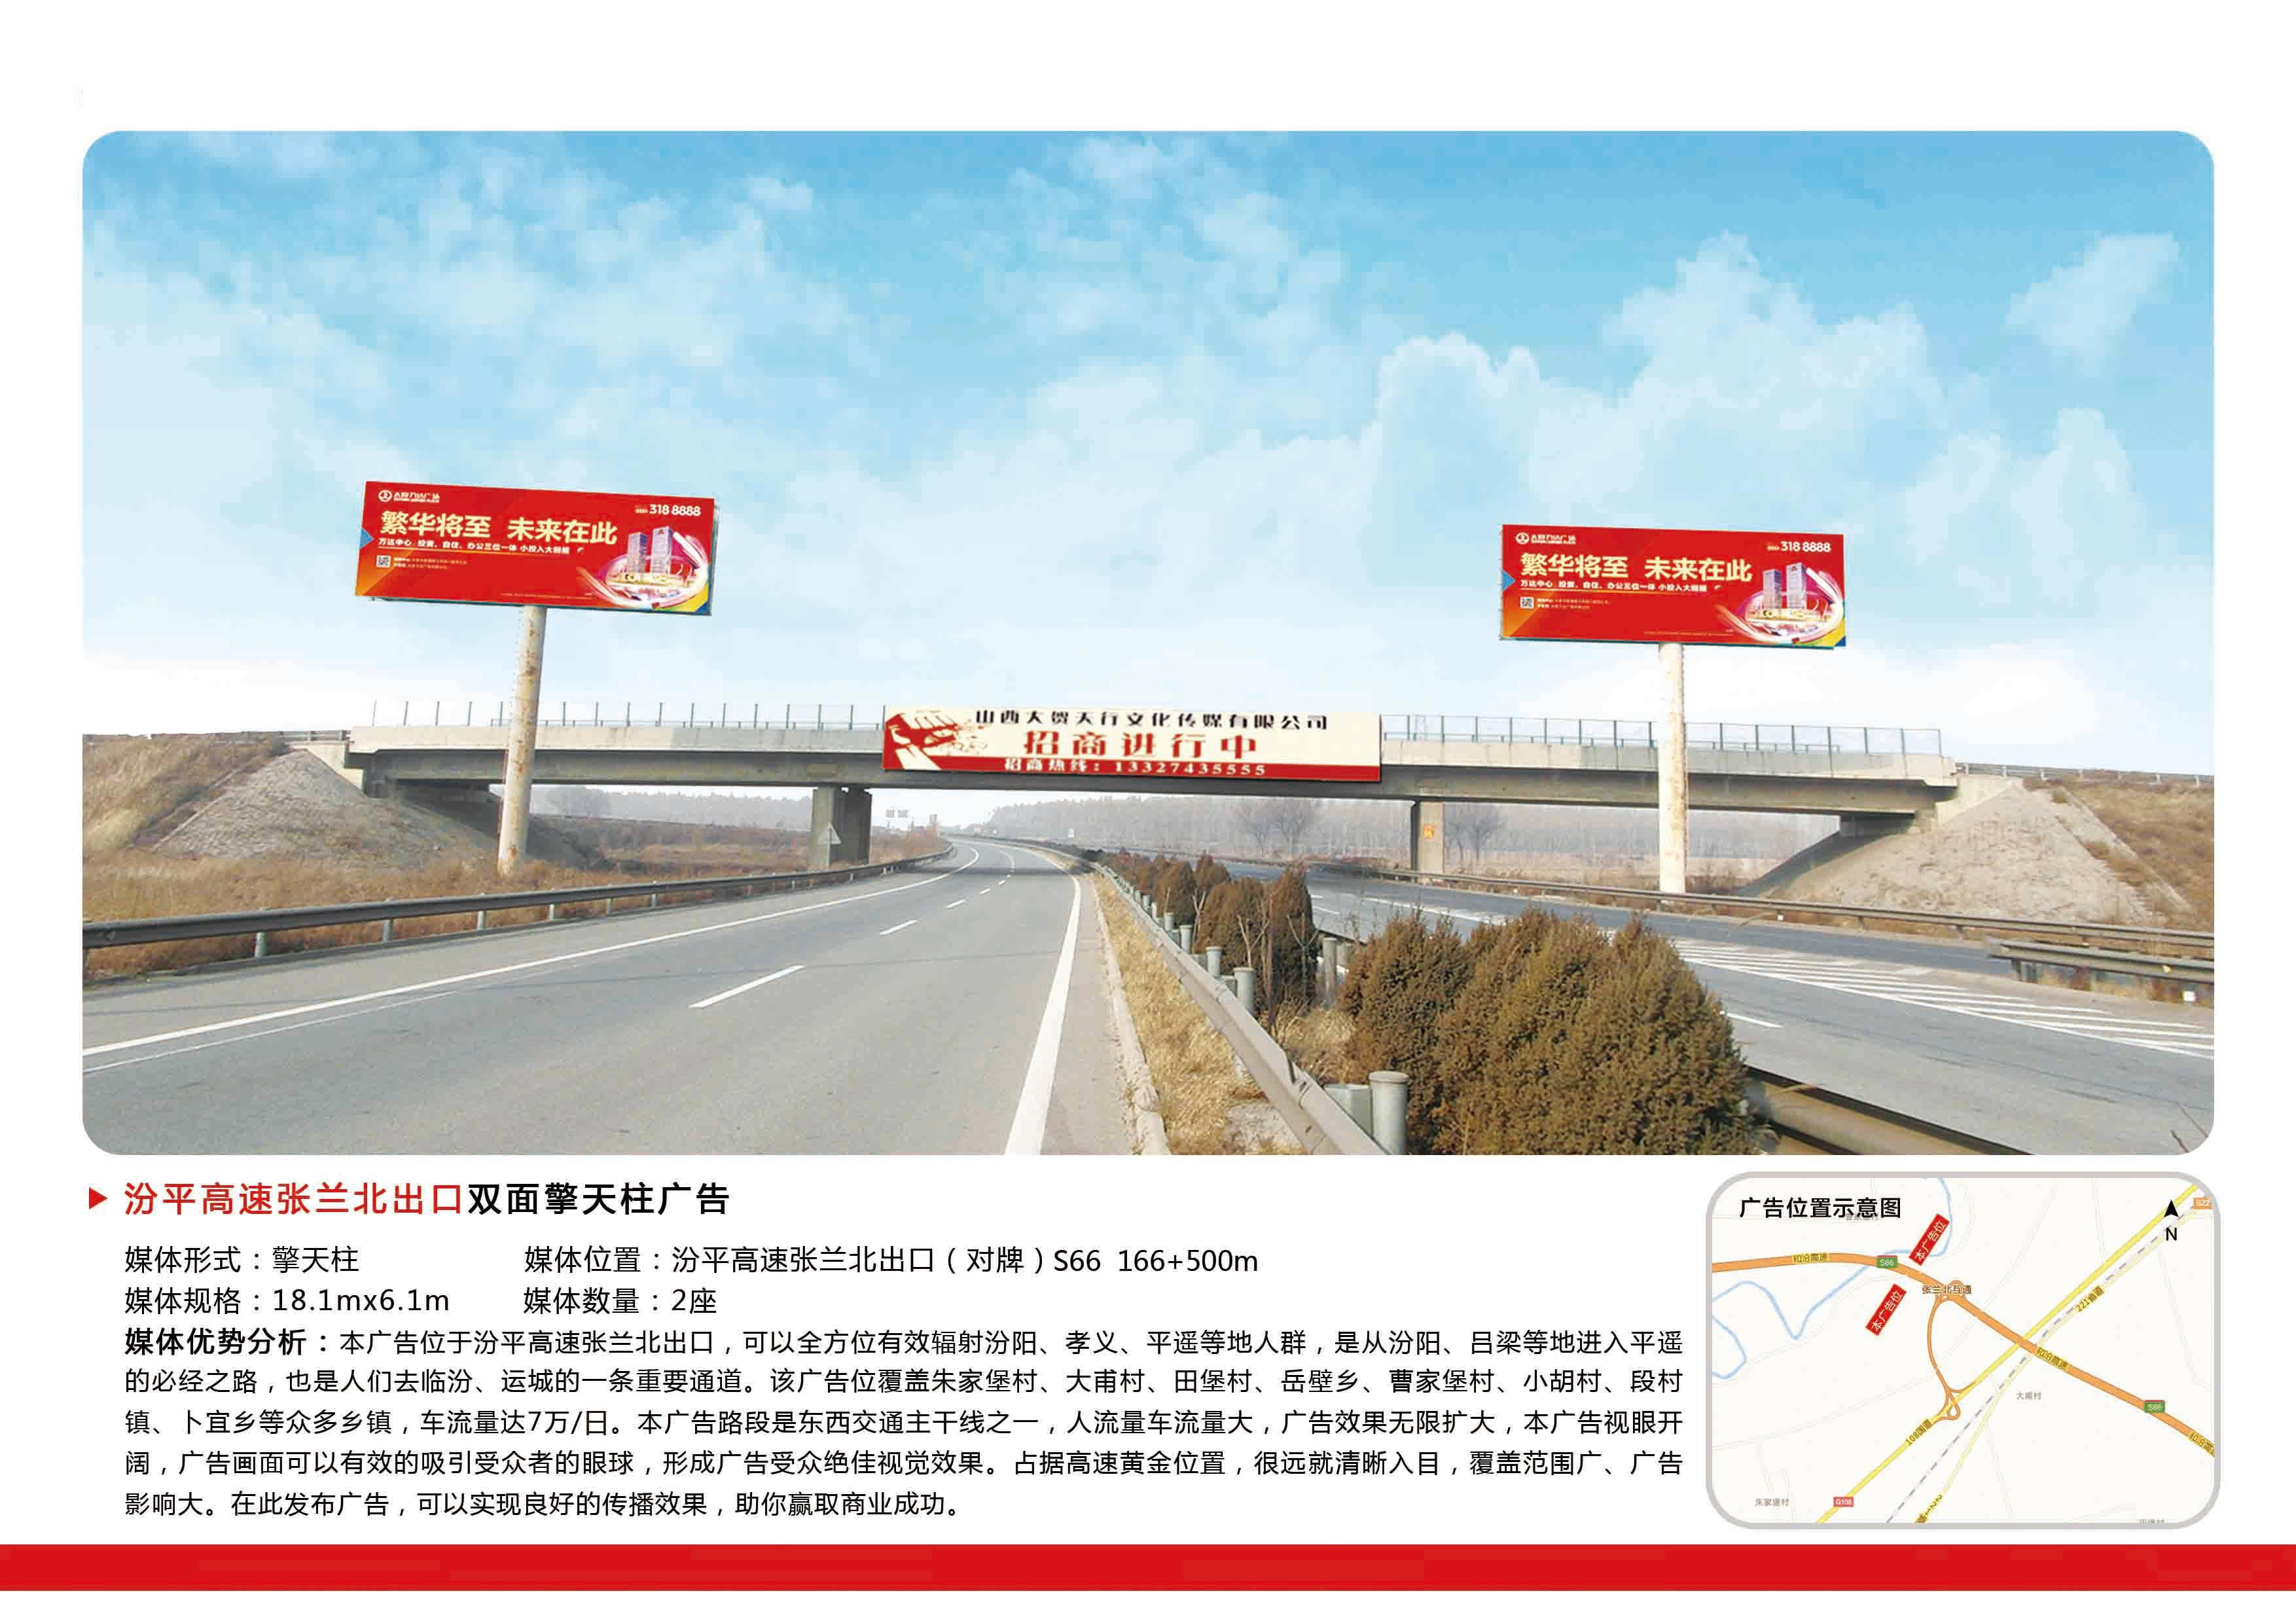 山西汾平高速路牌广告牌